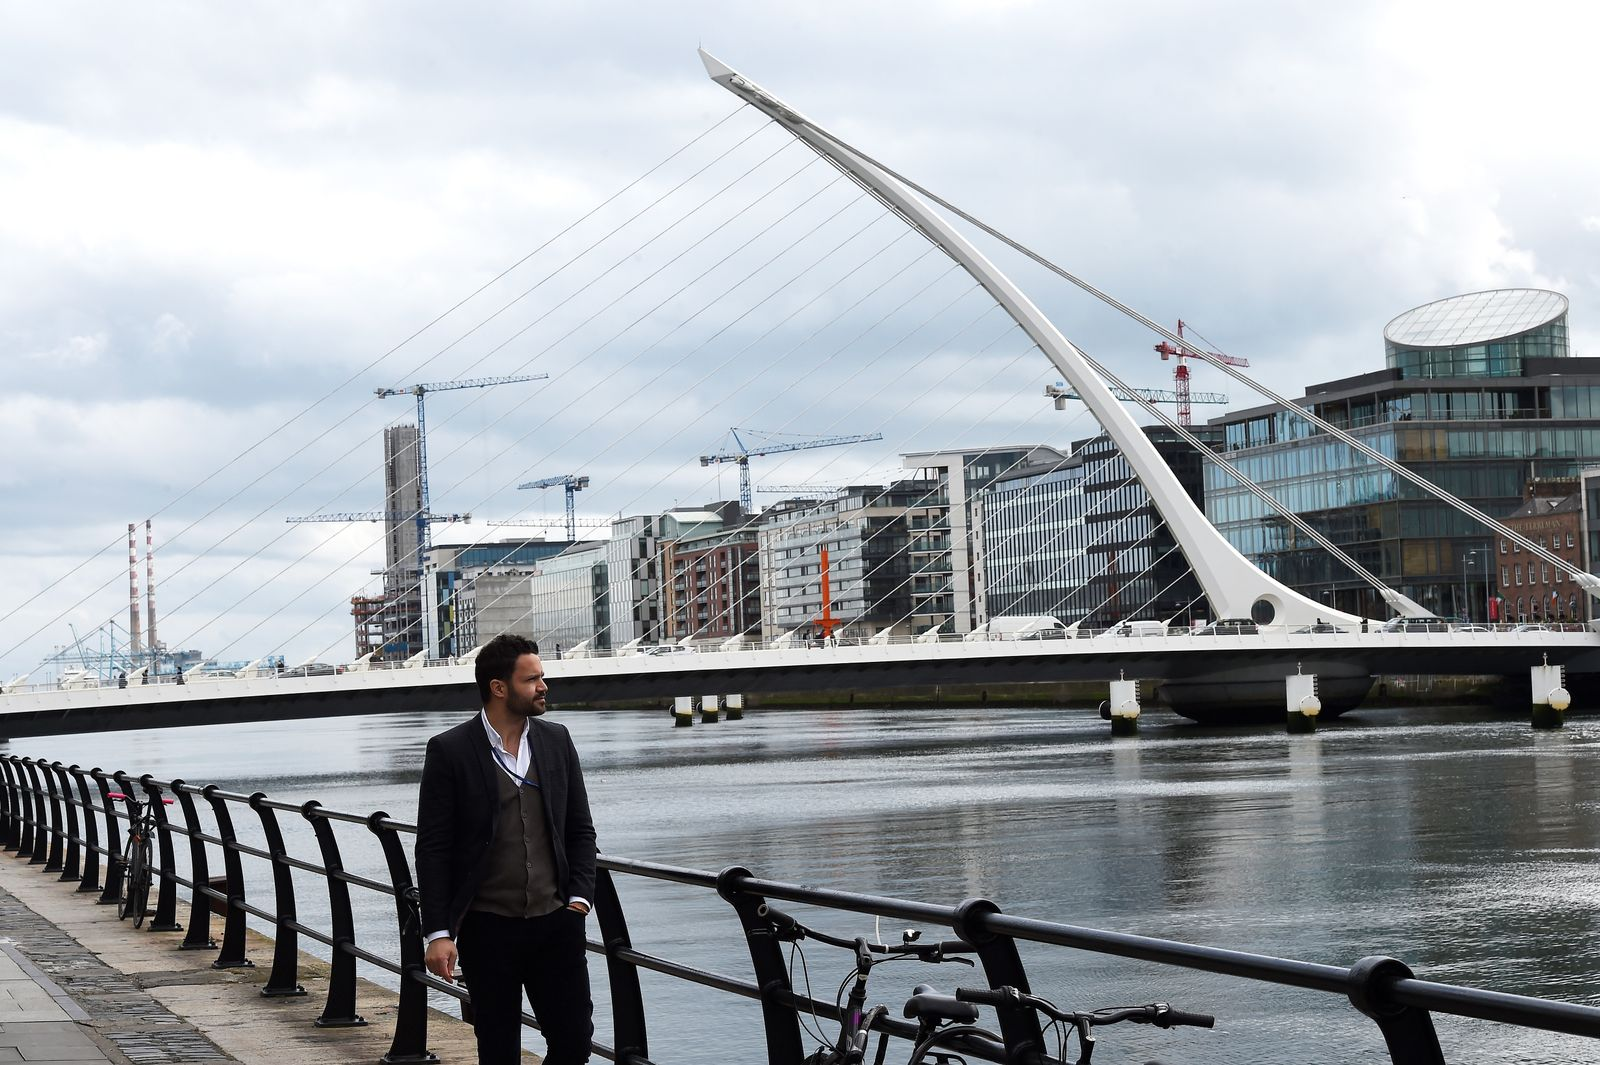 Irland / Dublin / Konjunktur / Banken-Viertel / Wirtschaft